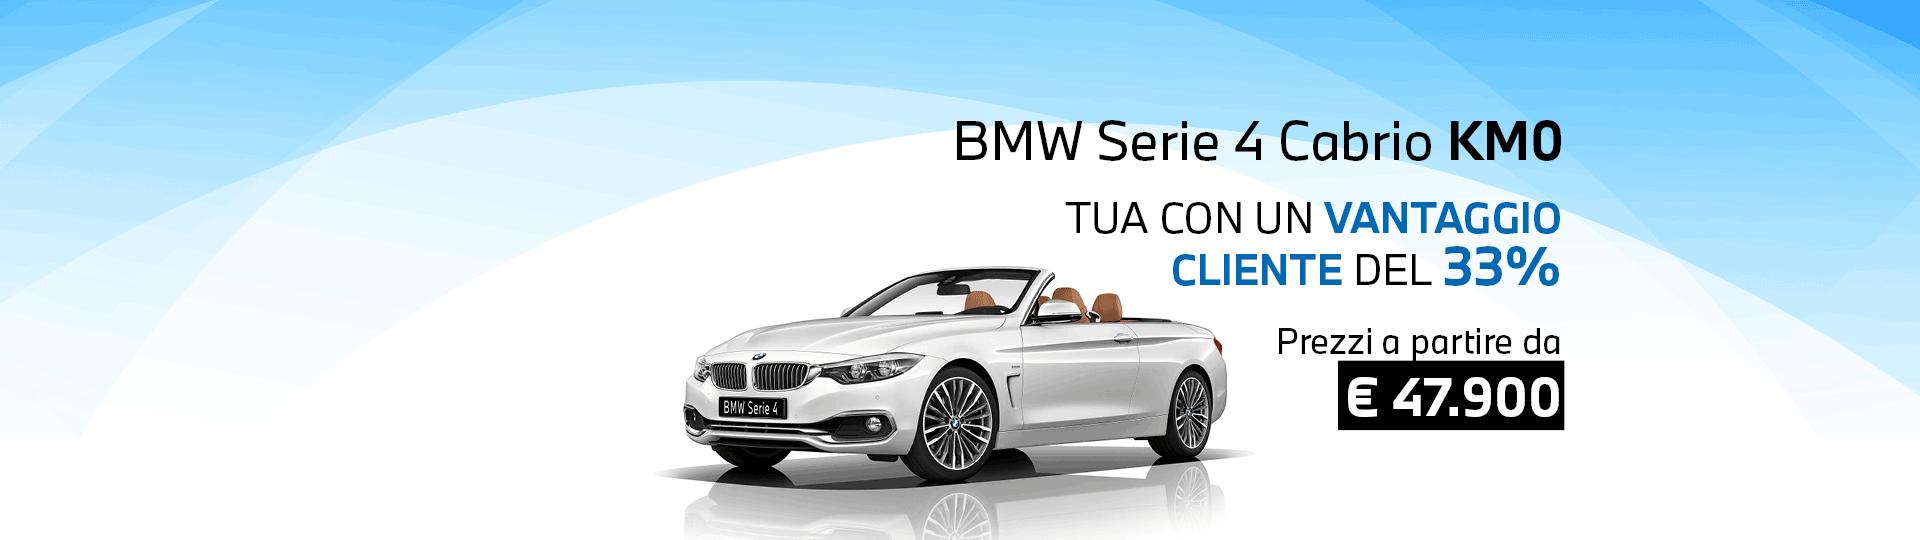 BMW-Serie-4-Cabrio-KM0_sito-min.png